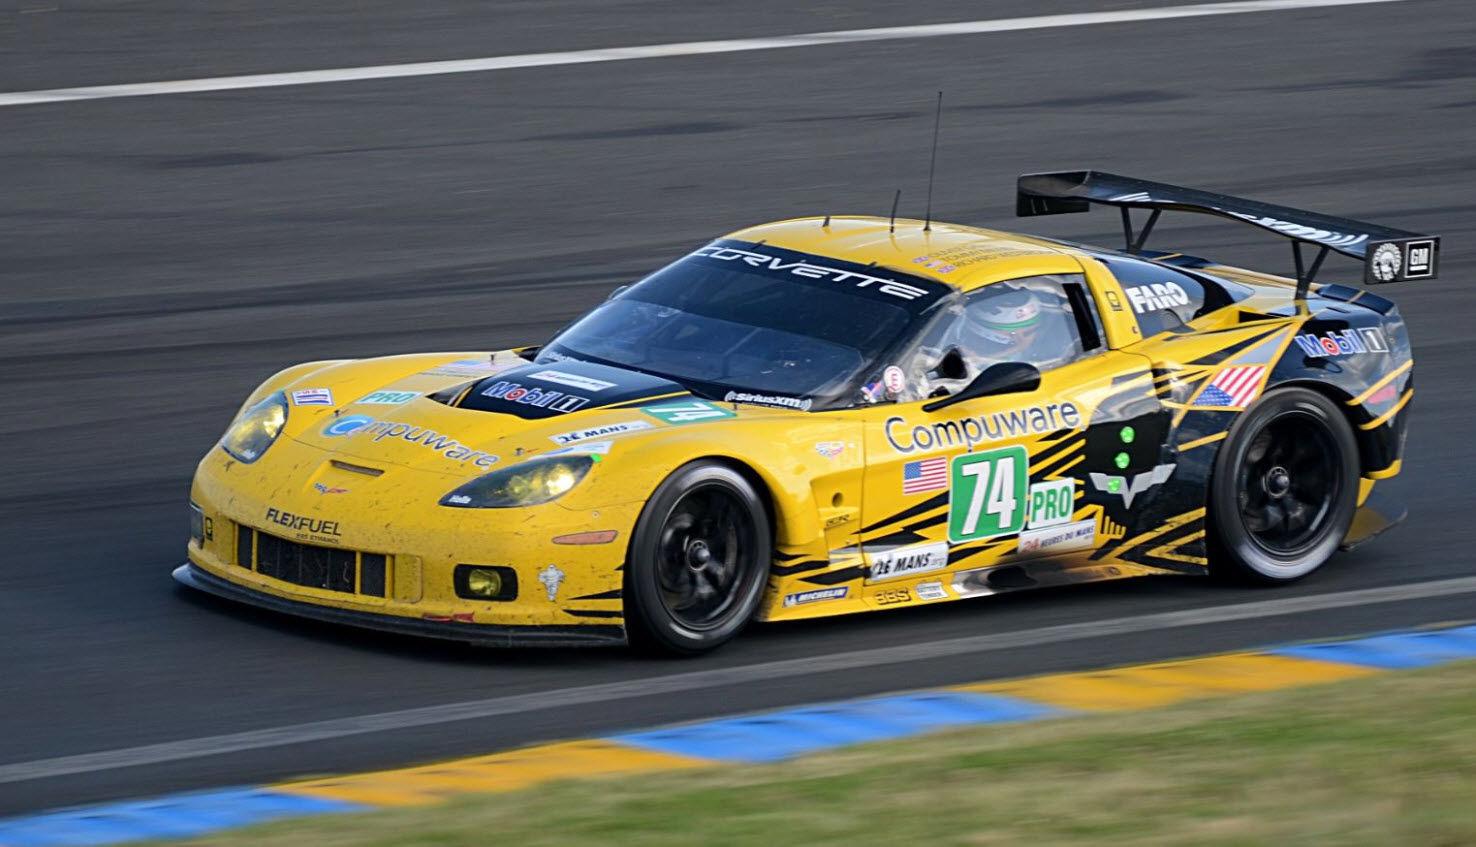 Corvette-c5--c6-part-04-3500-3500